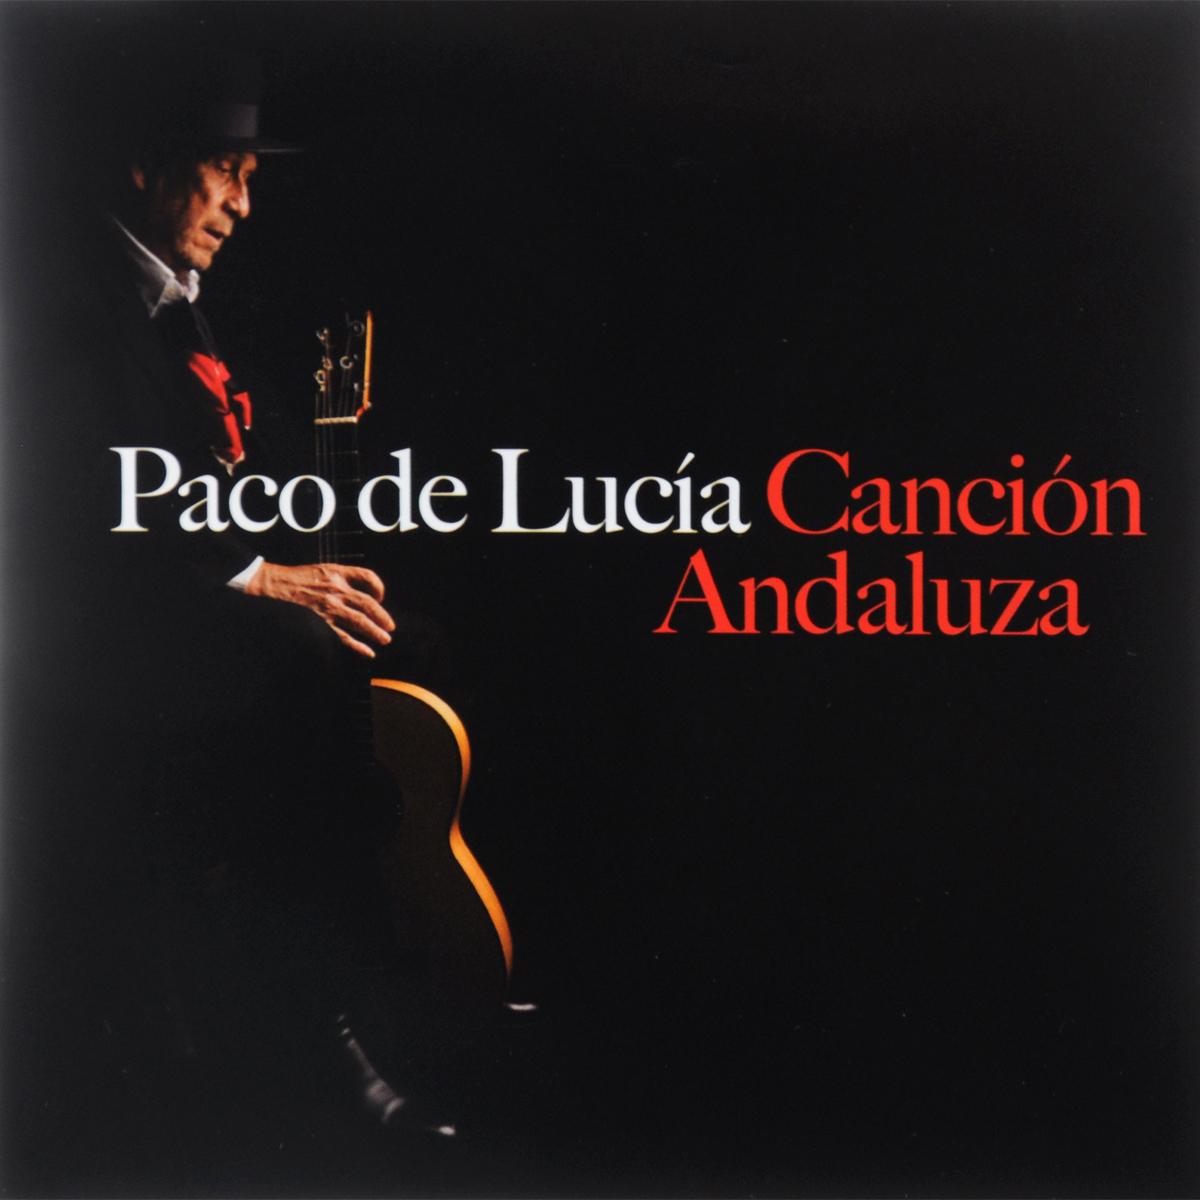 Издание содержит 12-страничный буклет с фотографиями и дополнительной информацией на испанском языке.